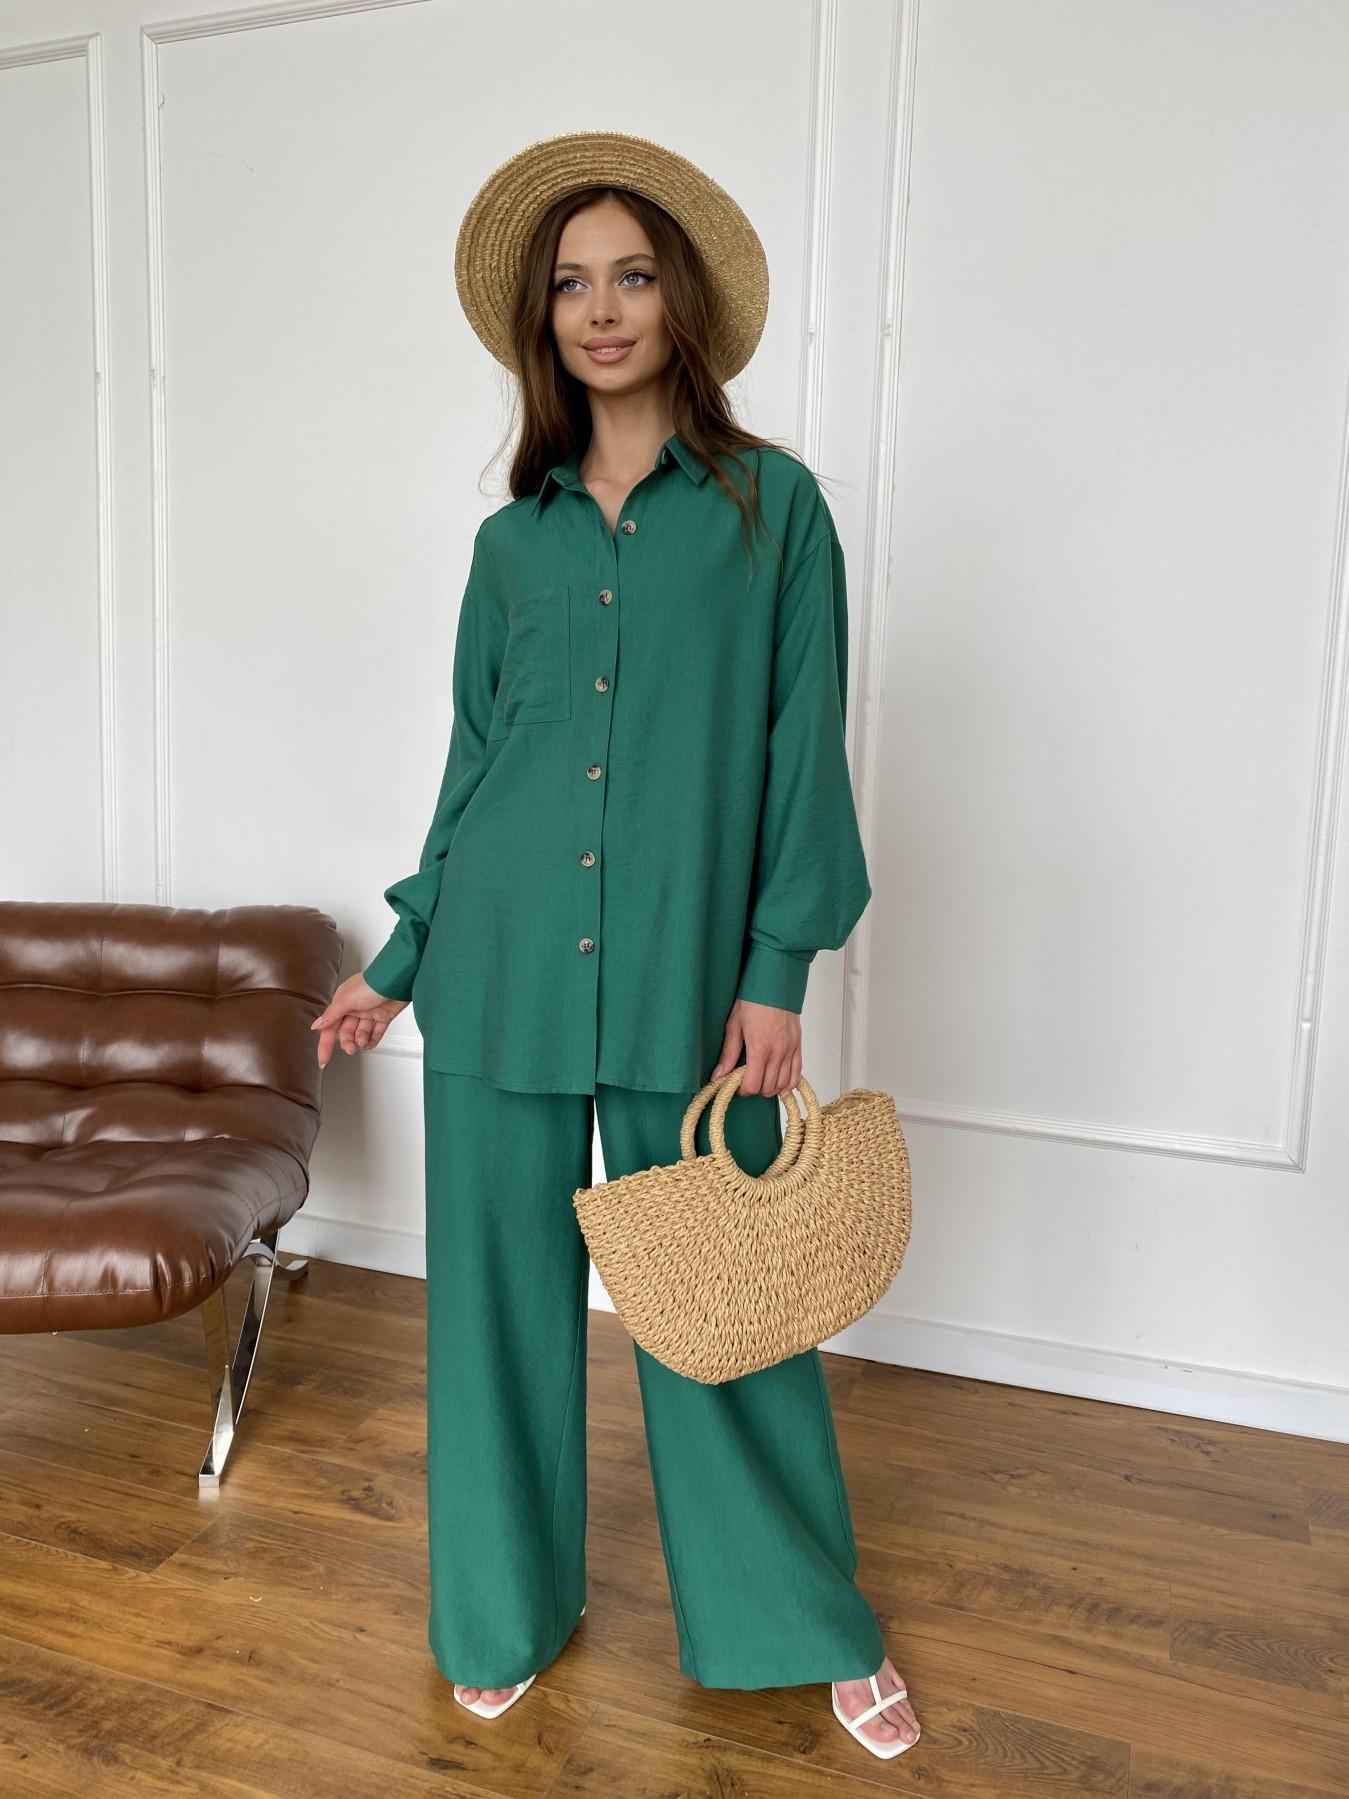 Дуэтто костюм из льна жатка не стрейч 11413 АРТ. 47961 Цвет: Зеленый - фото 8, интернет магазин tm-modus.ru